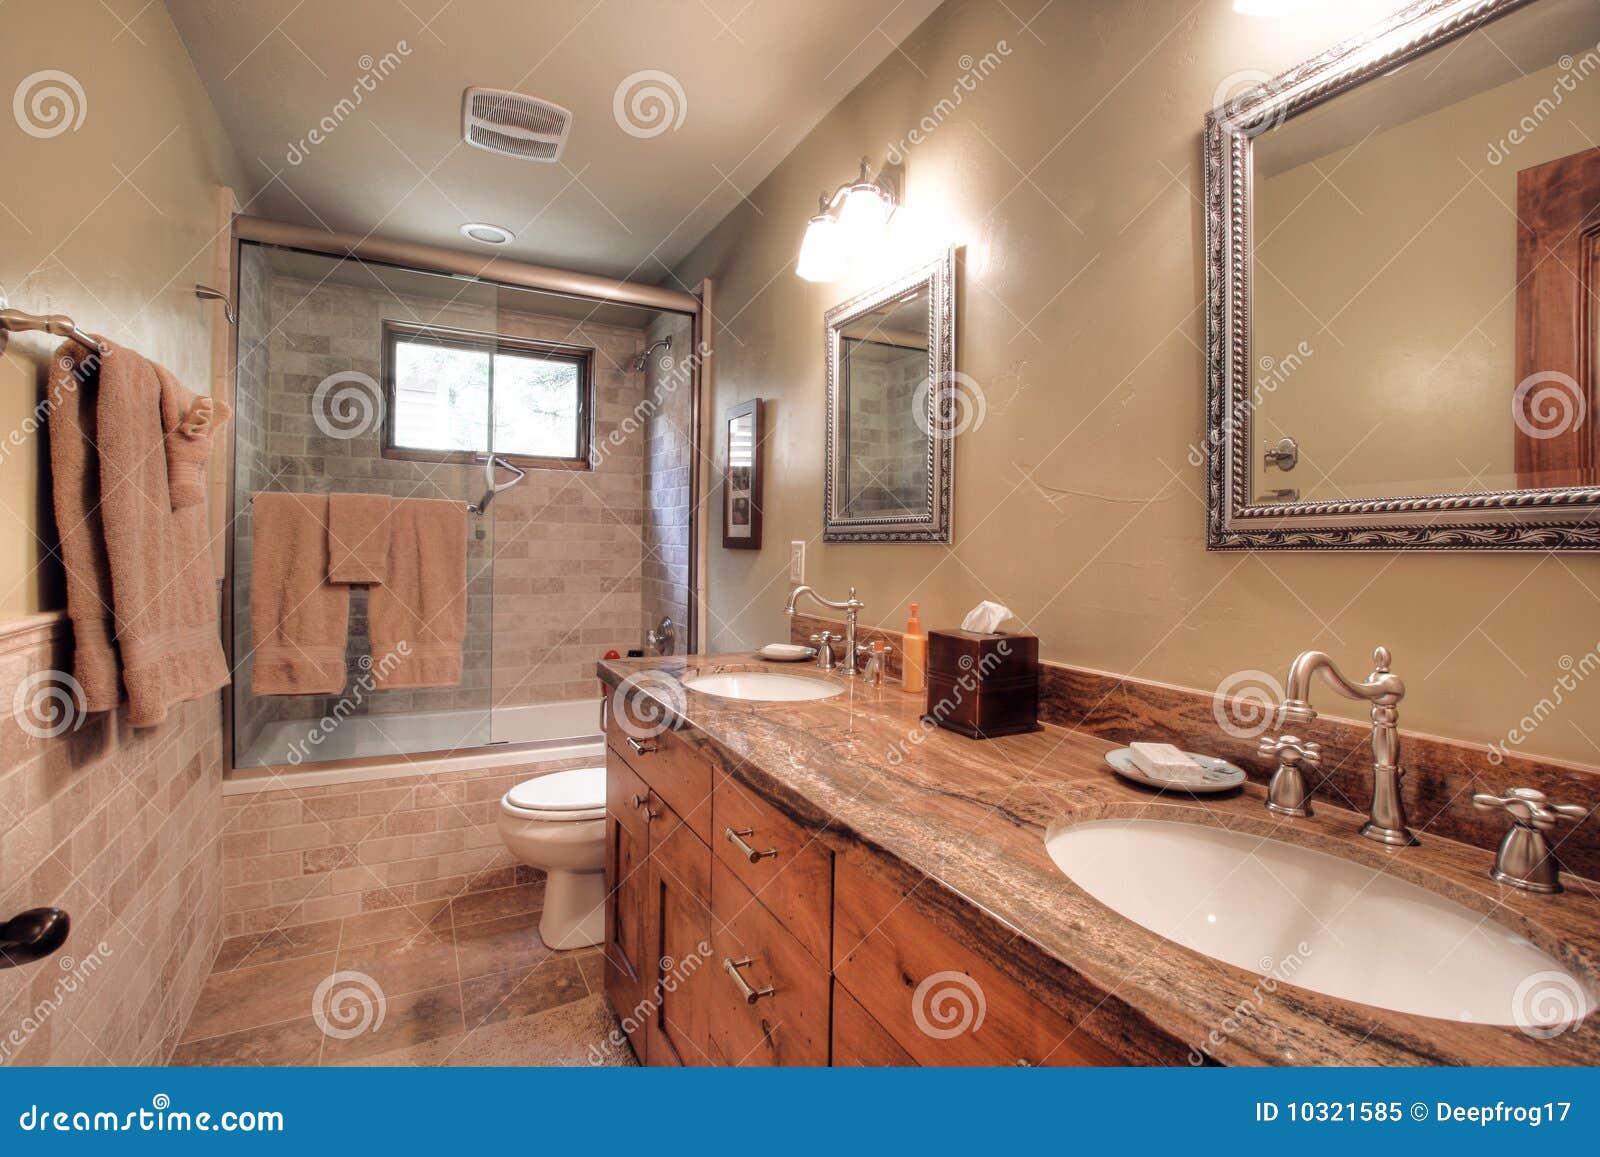 Stanza da bagno moderna lussuosa immagine stock immagine for Stanza da bagno